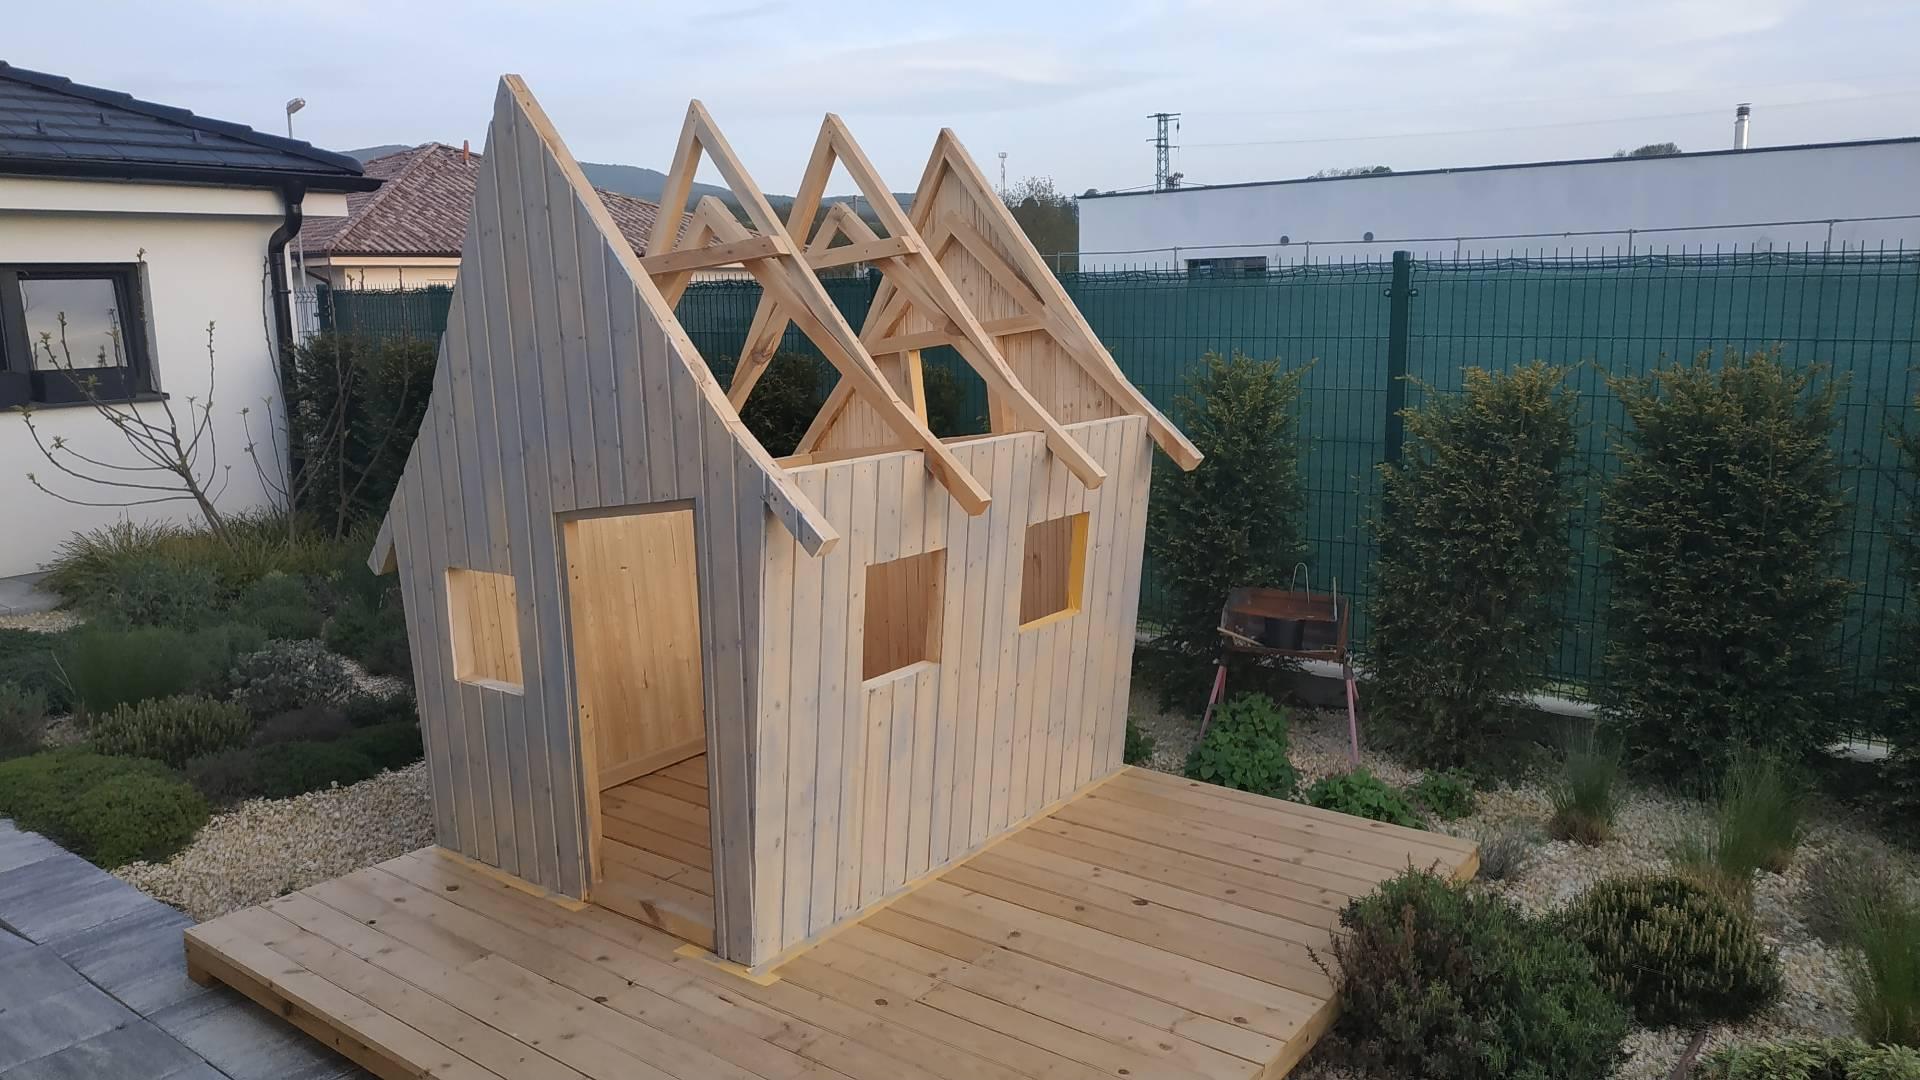 stavba záhradného domčeka pre deti